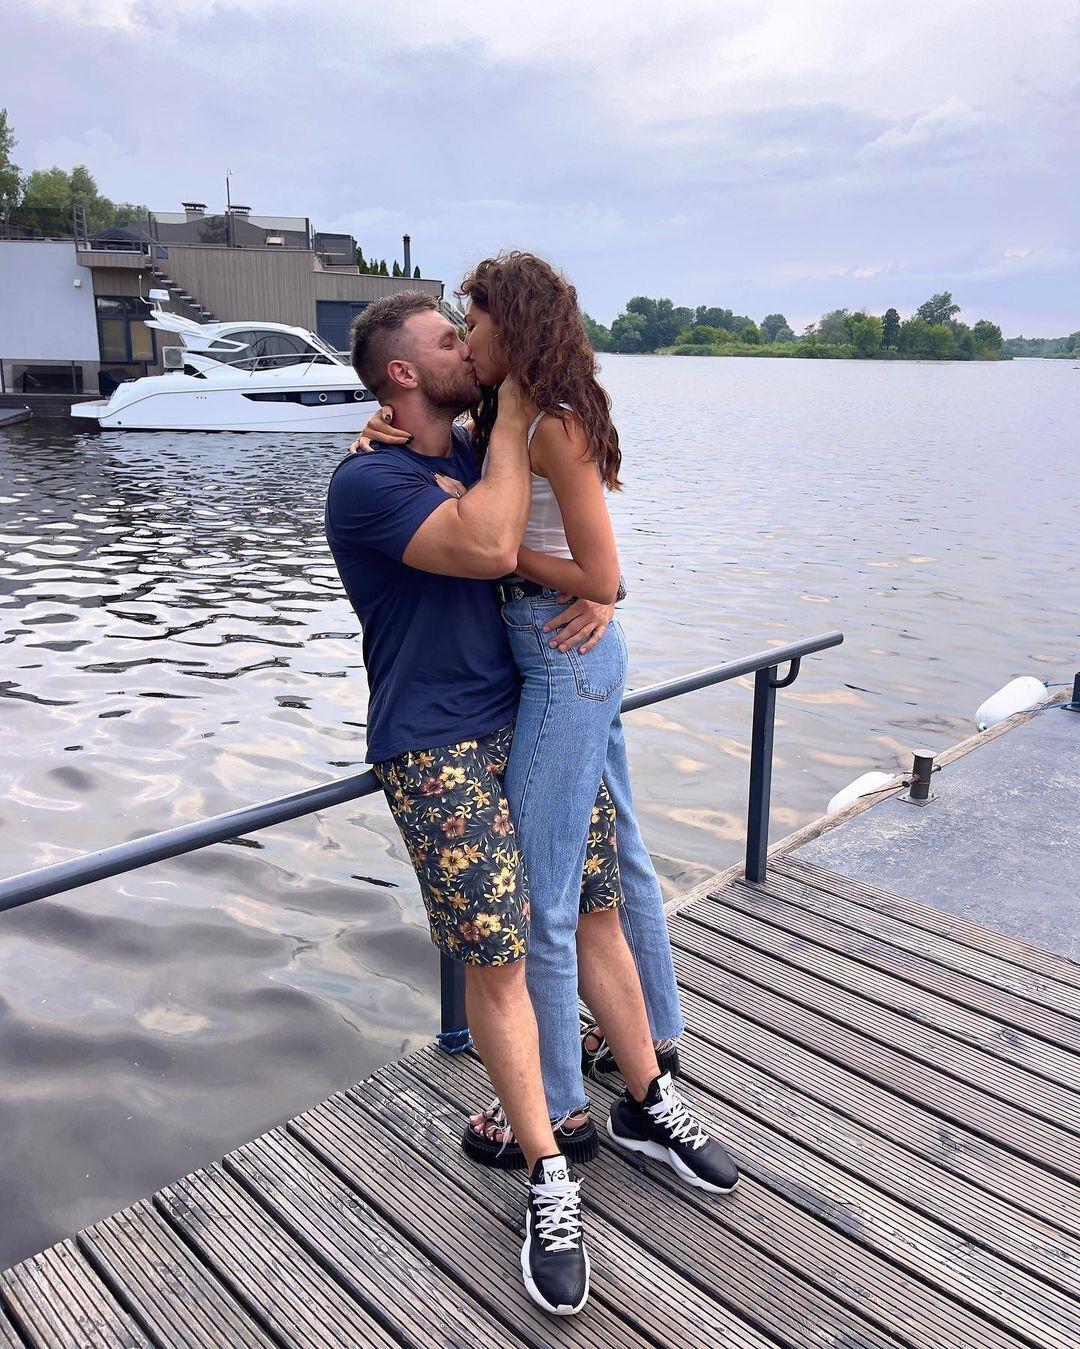 Михаил и Анна страстно целуются на фоне реки.